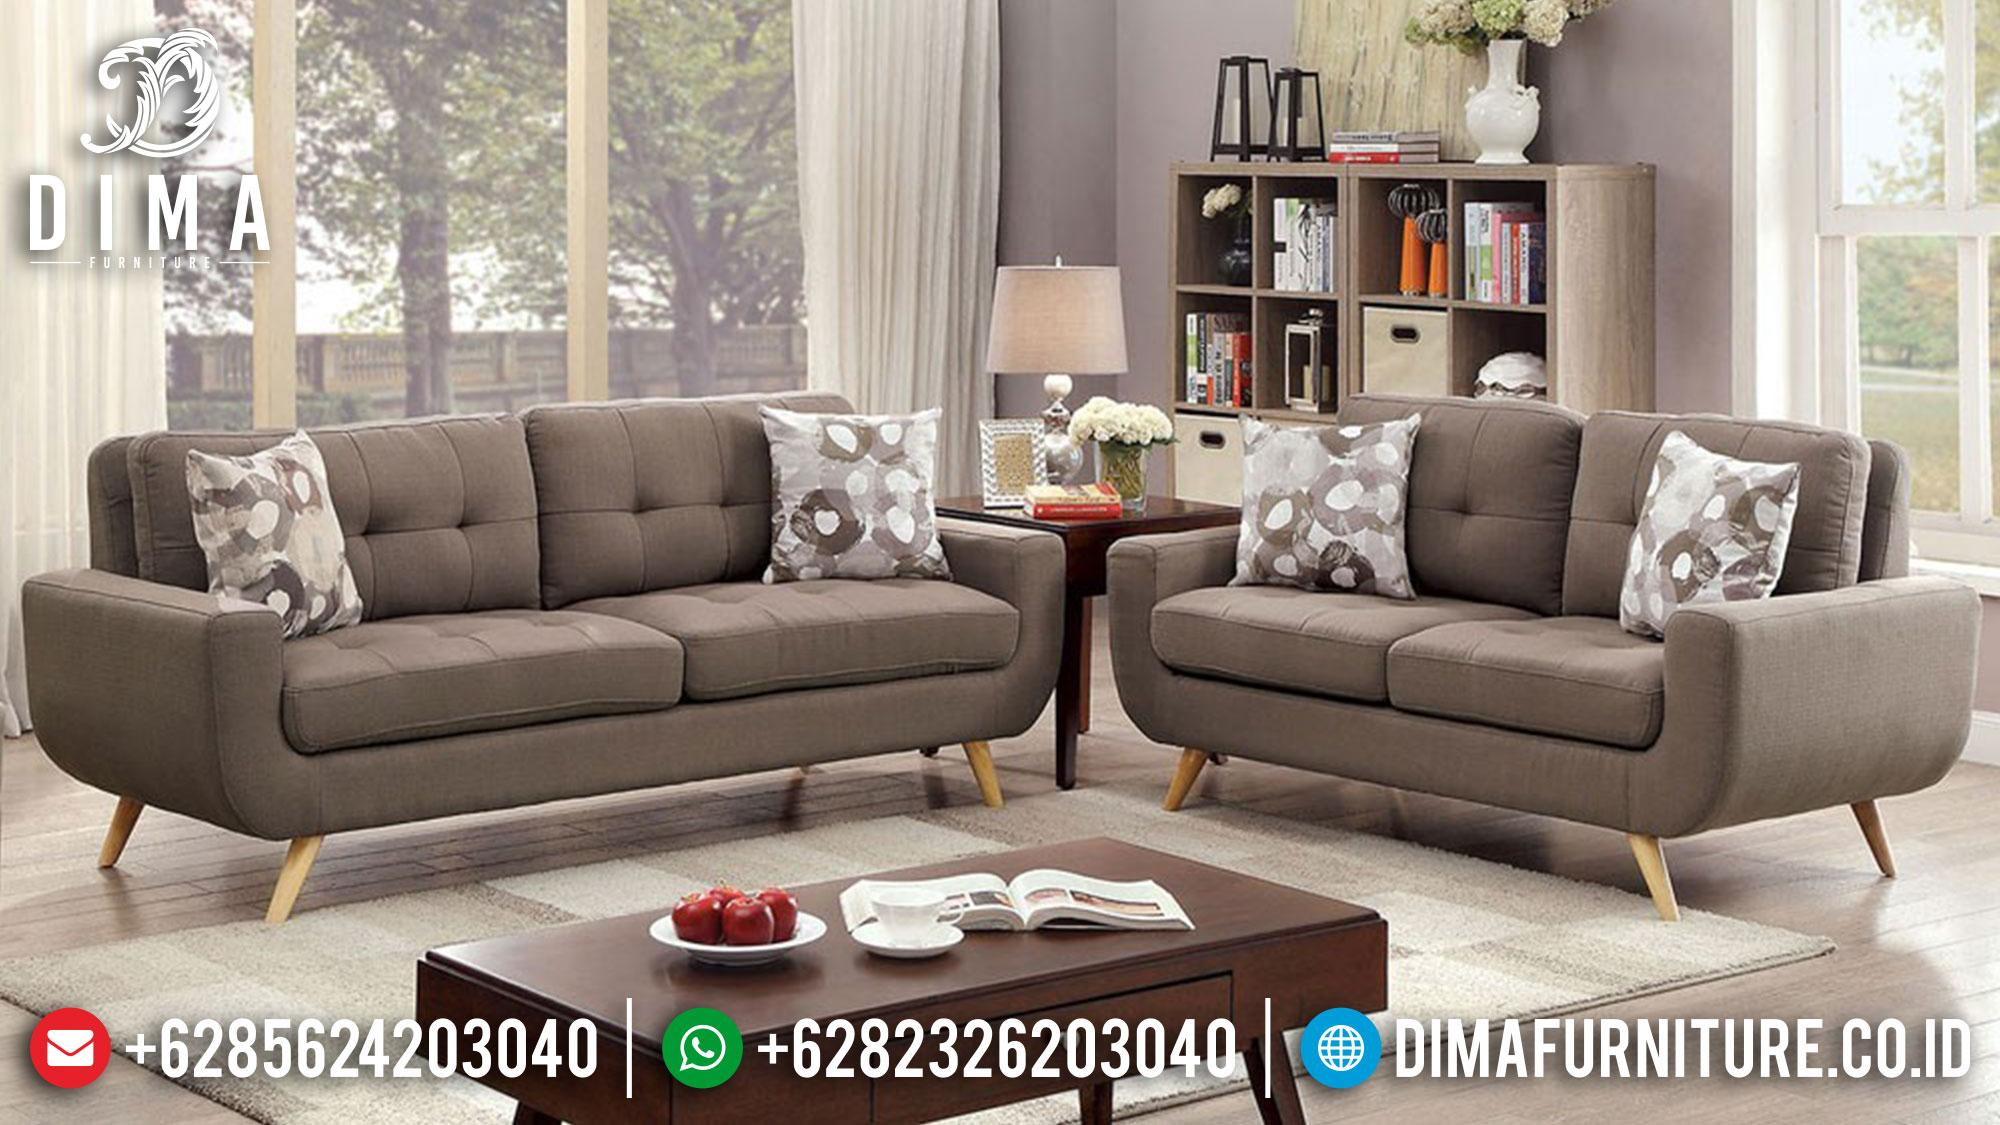 Sofa Tamu Jepara Mewah Minimalis Terbaru 10 Dima Furniture Jepara